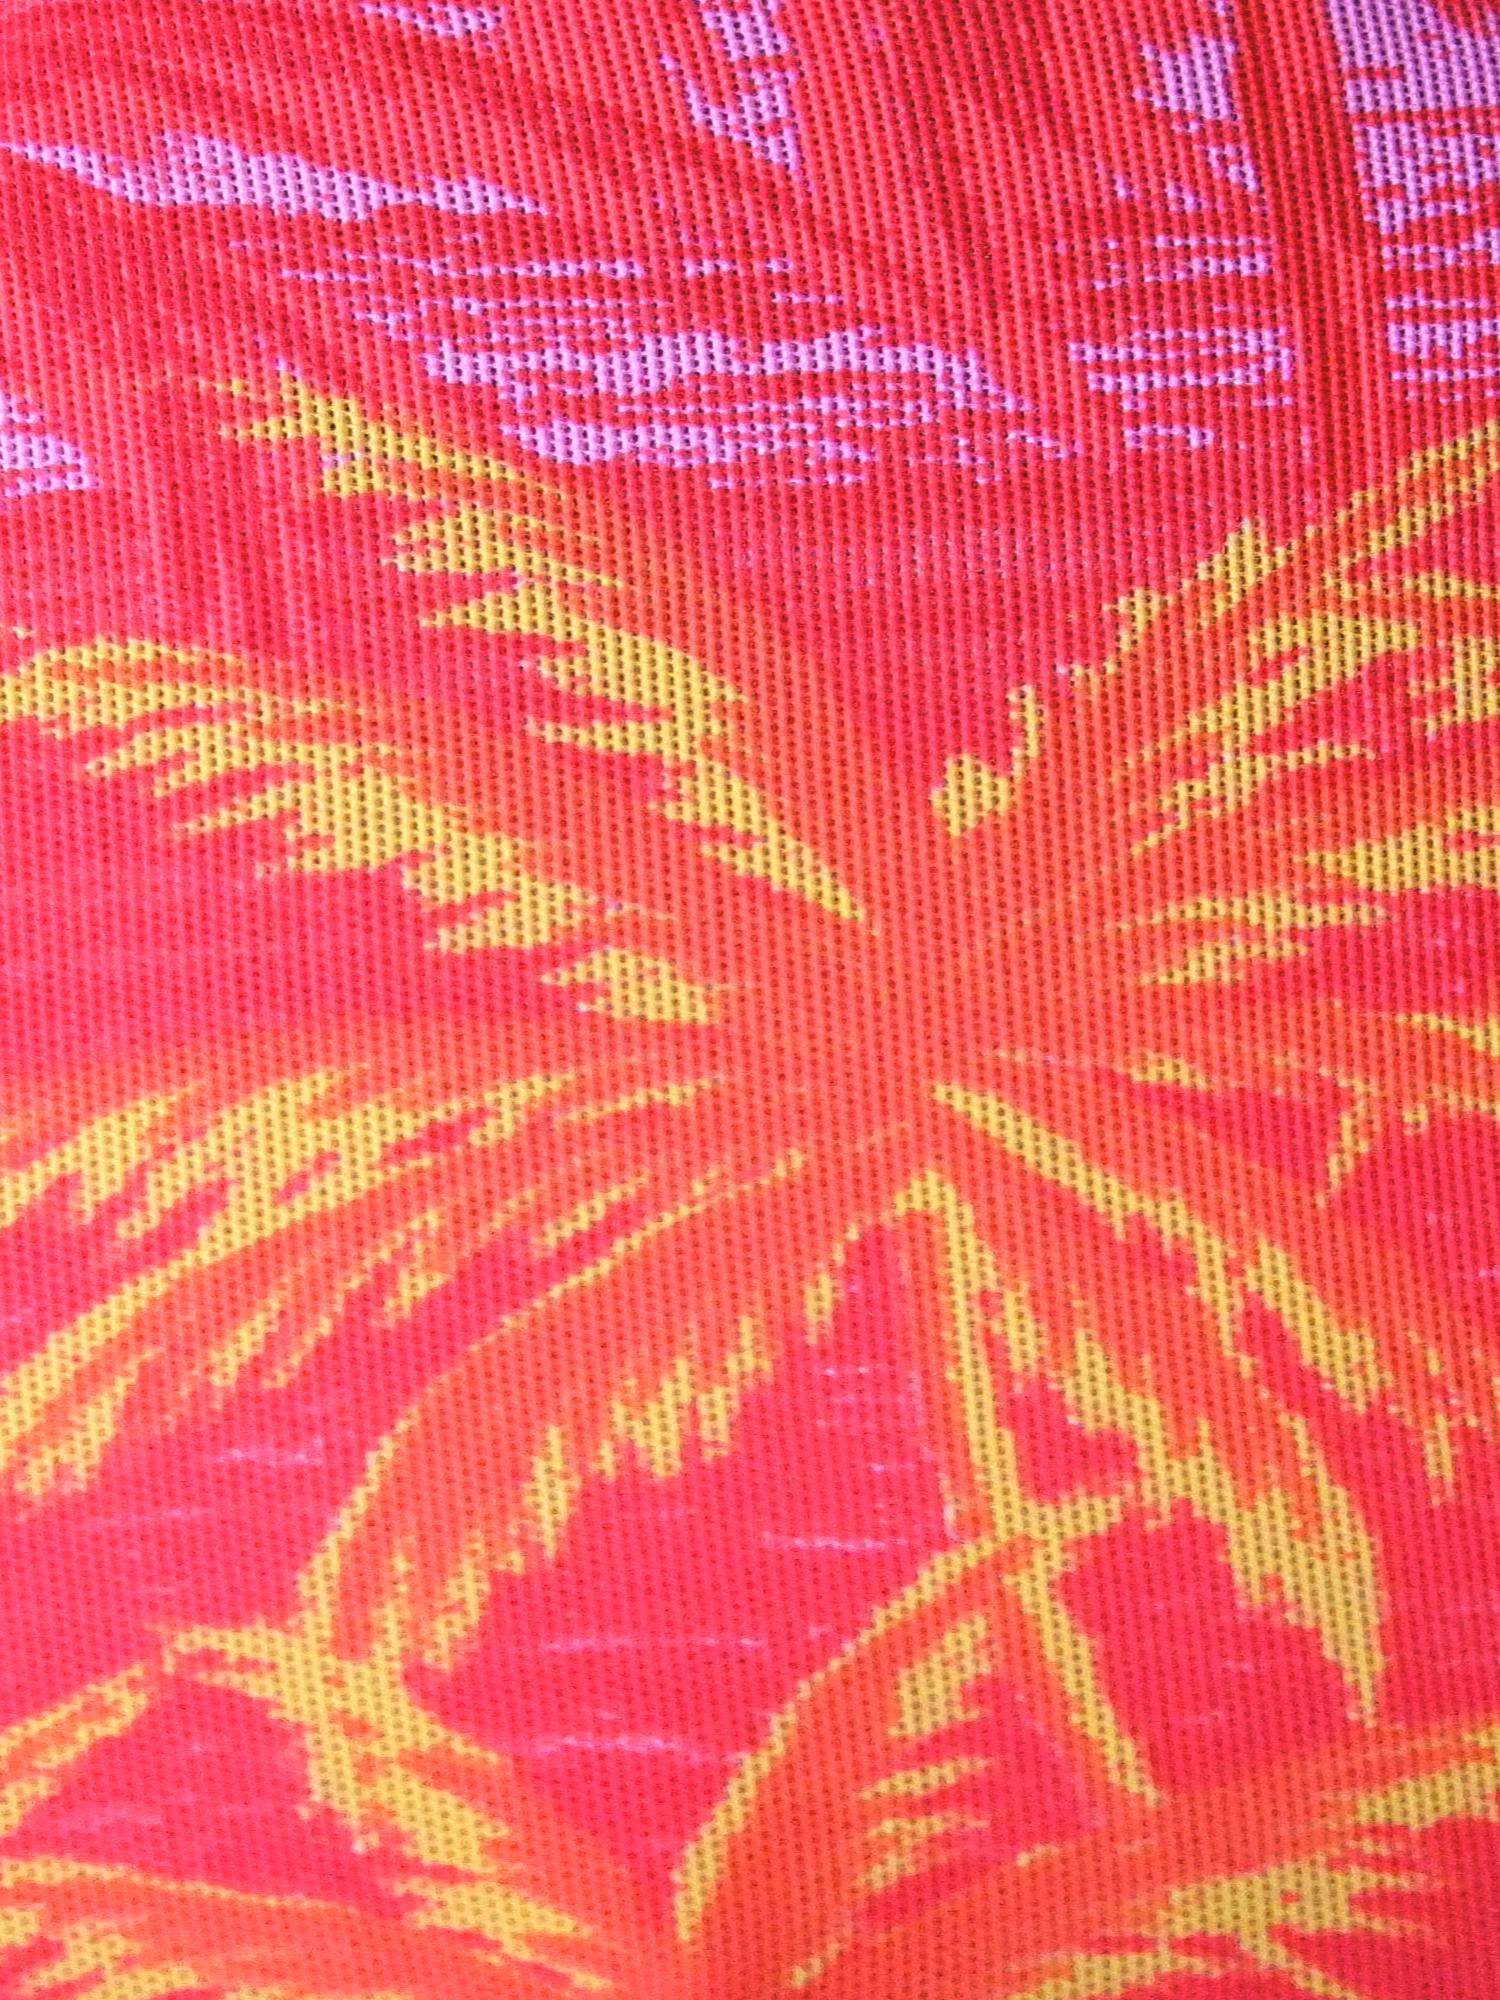 91f6cfc309ce86 ... Vorschau: Bügel-Badeanzug durchbäunend Gr. 36 D-Cup Palmen in rot